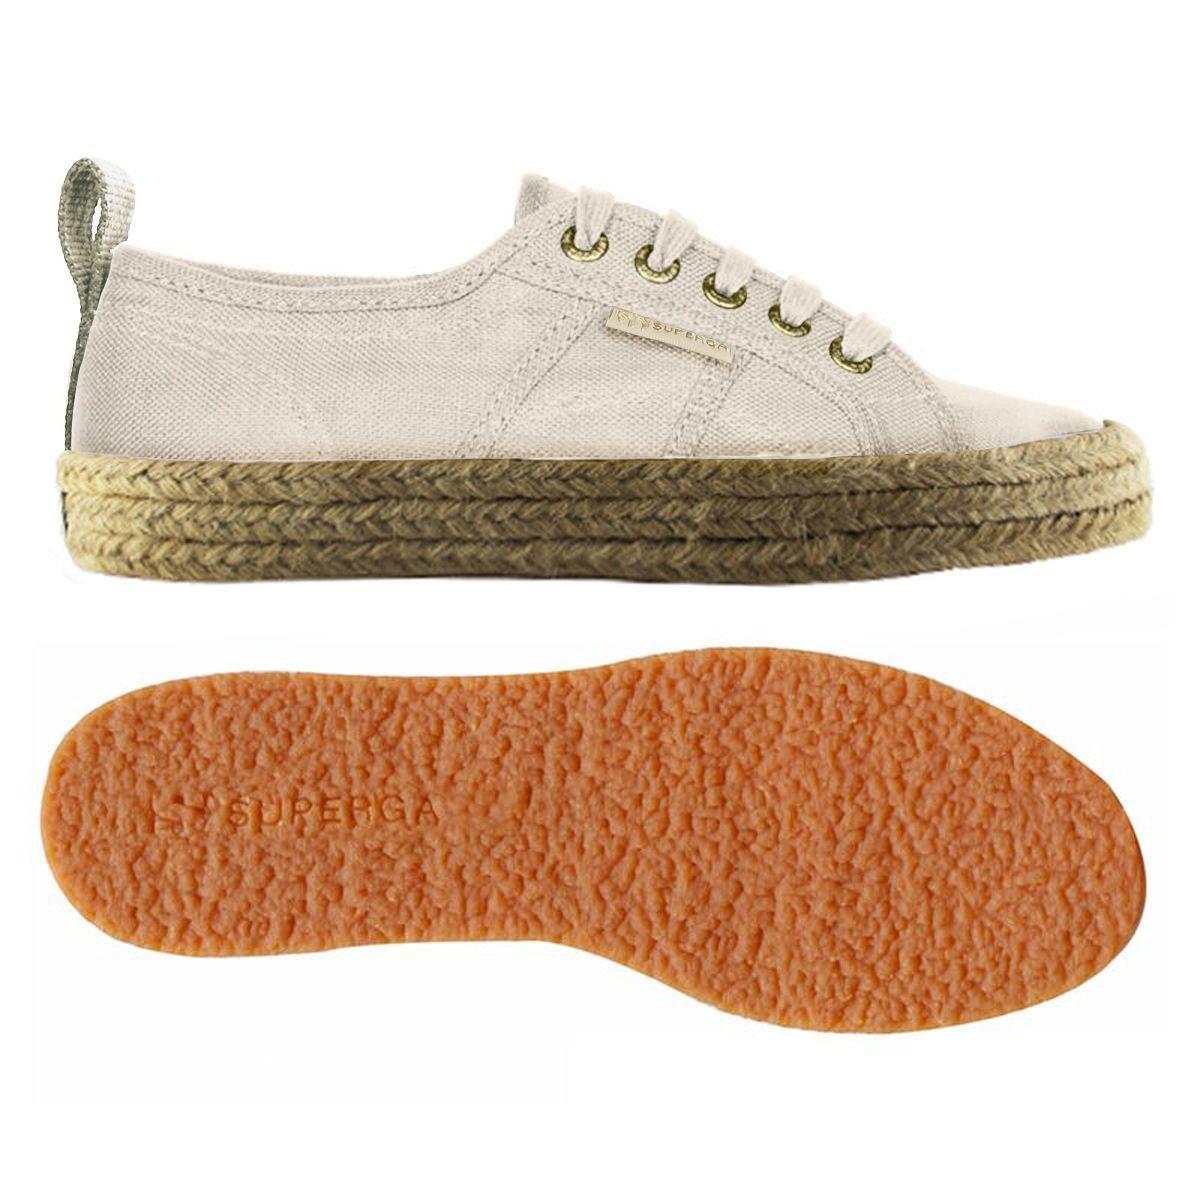 Superga Mercado Libre 265 Zapatos 000 Linenropew En S00bgn0d 2750 fggwd86q